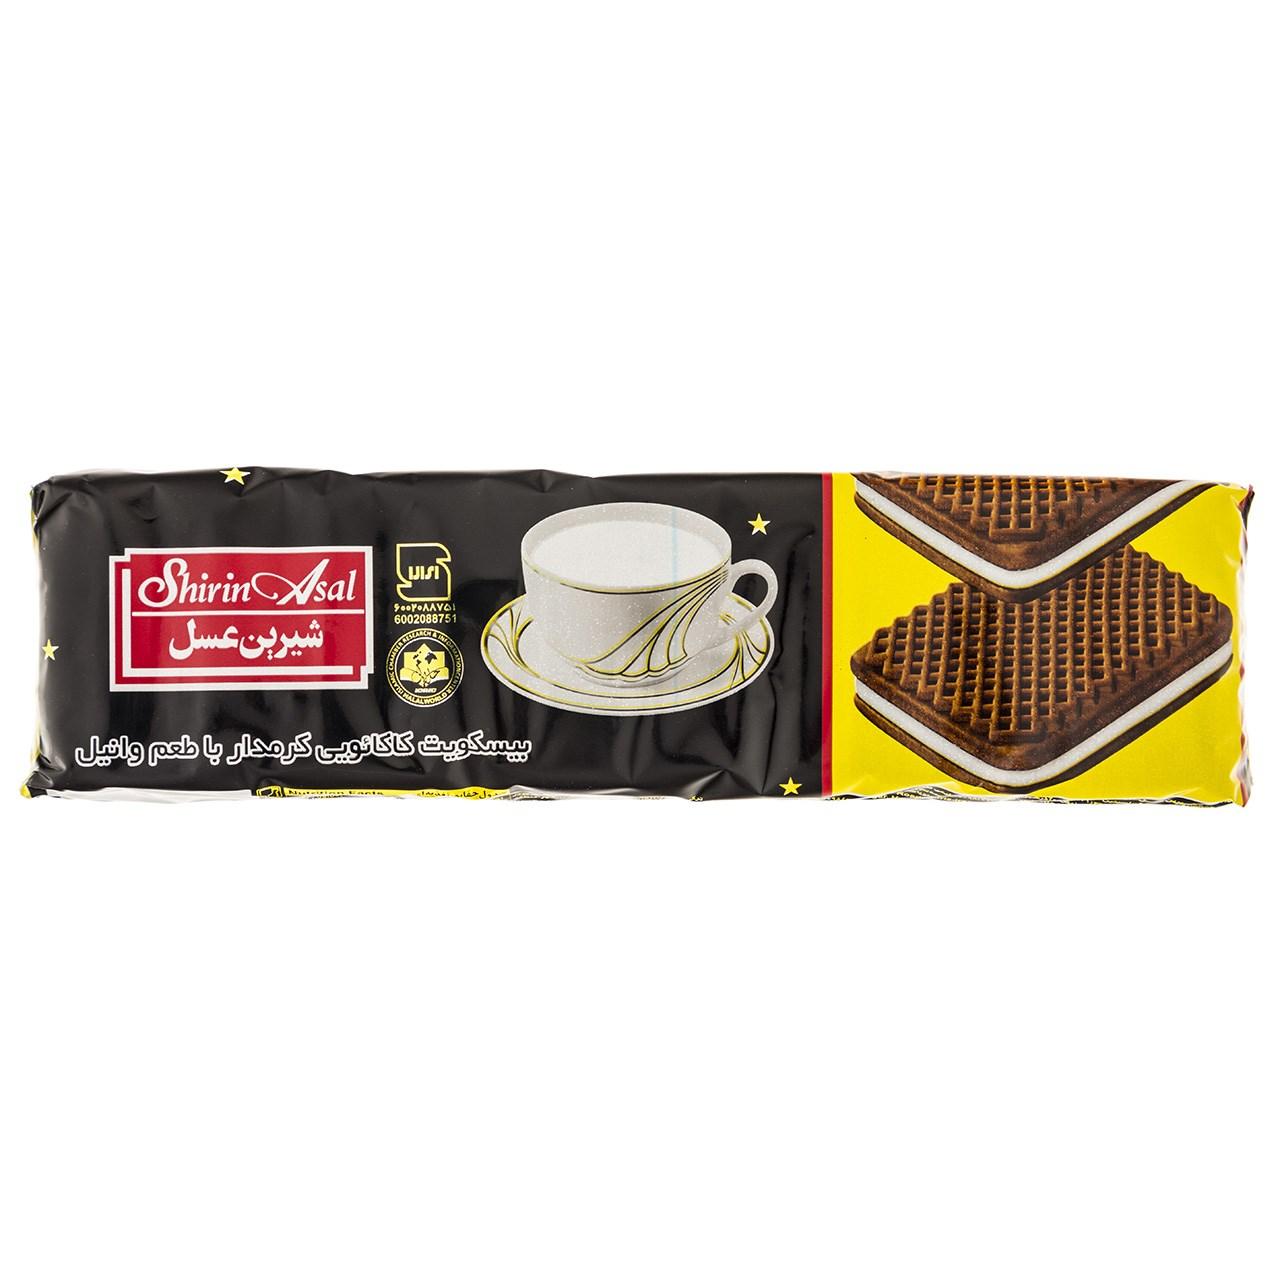 بیسکوییت کاکائویی کرمدار با طعم وانیل شیرین عسل مقدار 120 گرم